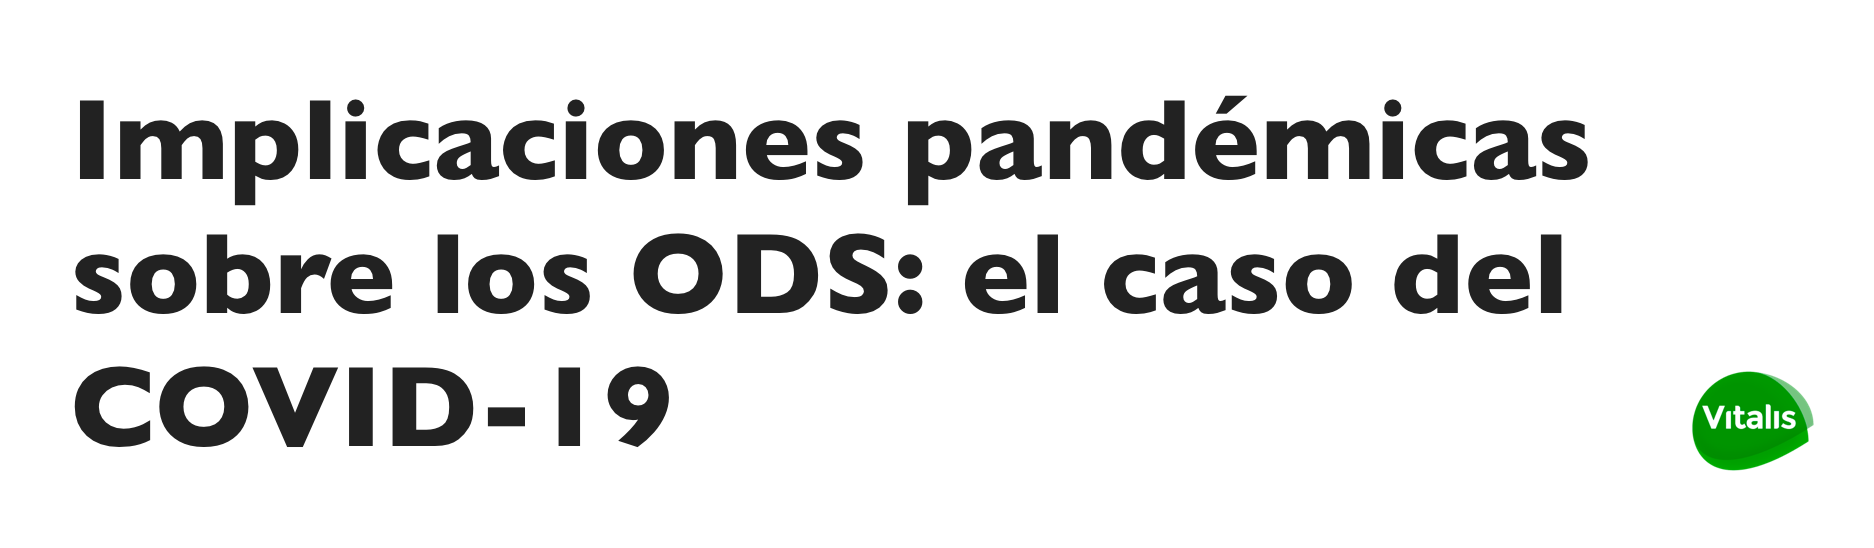 Implicaciones pandémicas sobre los ODS: el caso del Covid19